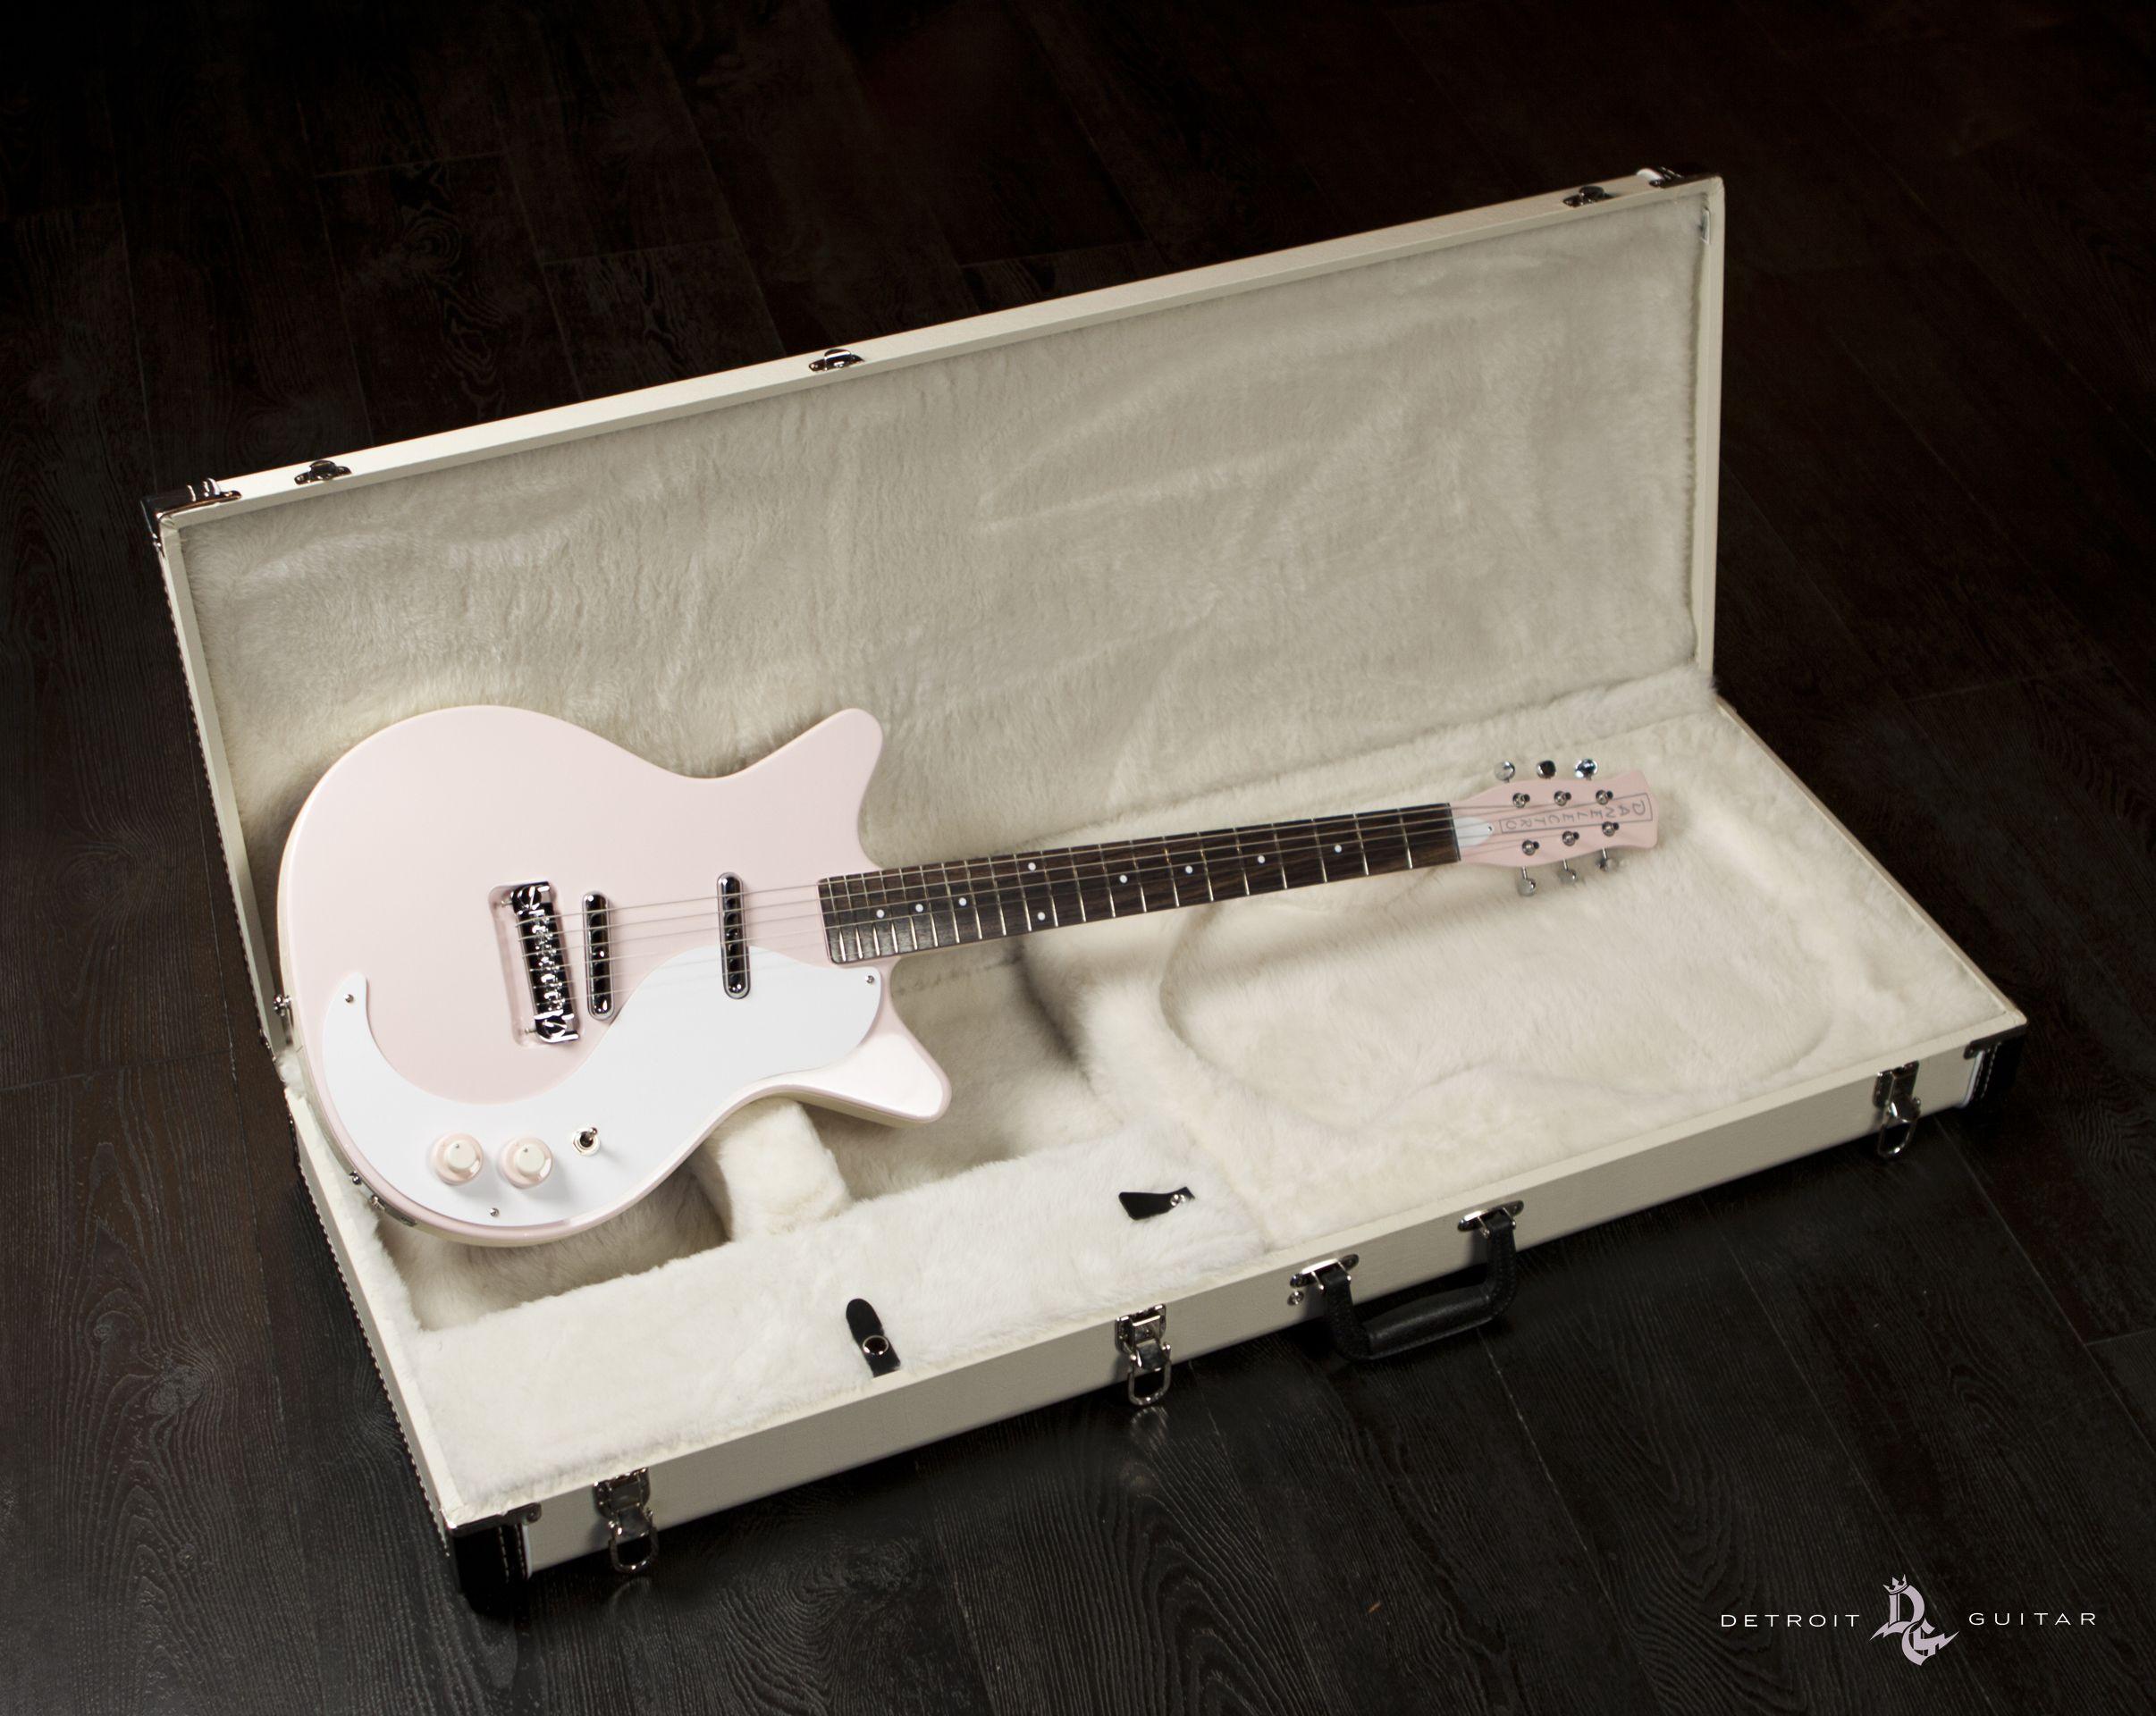 Danelectro 59 NOS Thunderbird Pink Detroit Guitar Exclusive